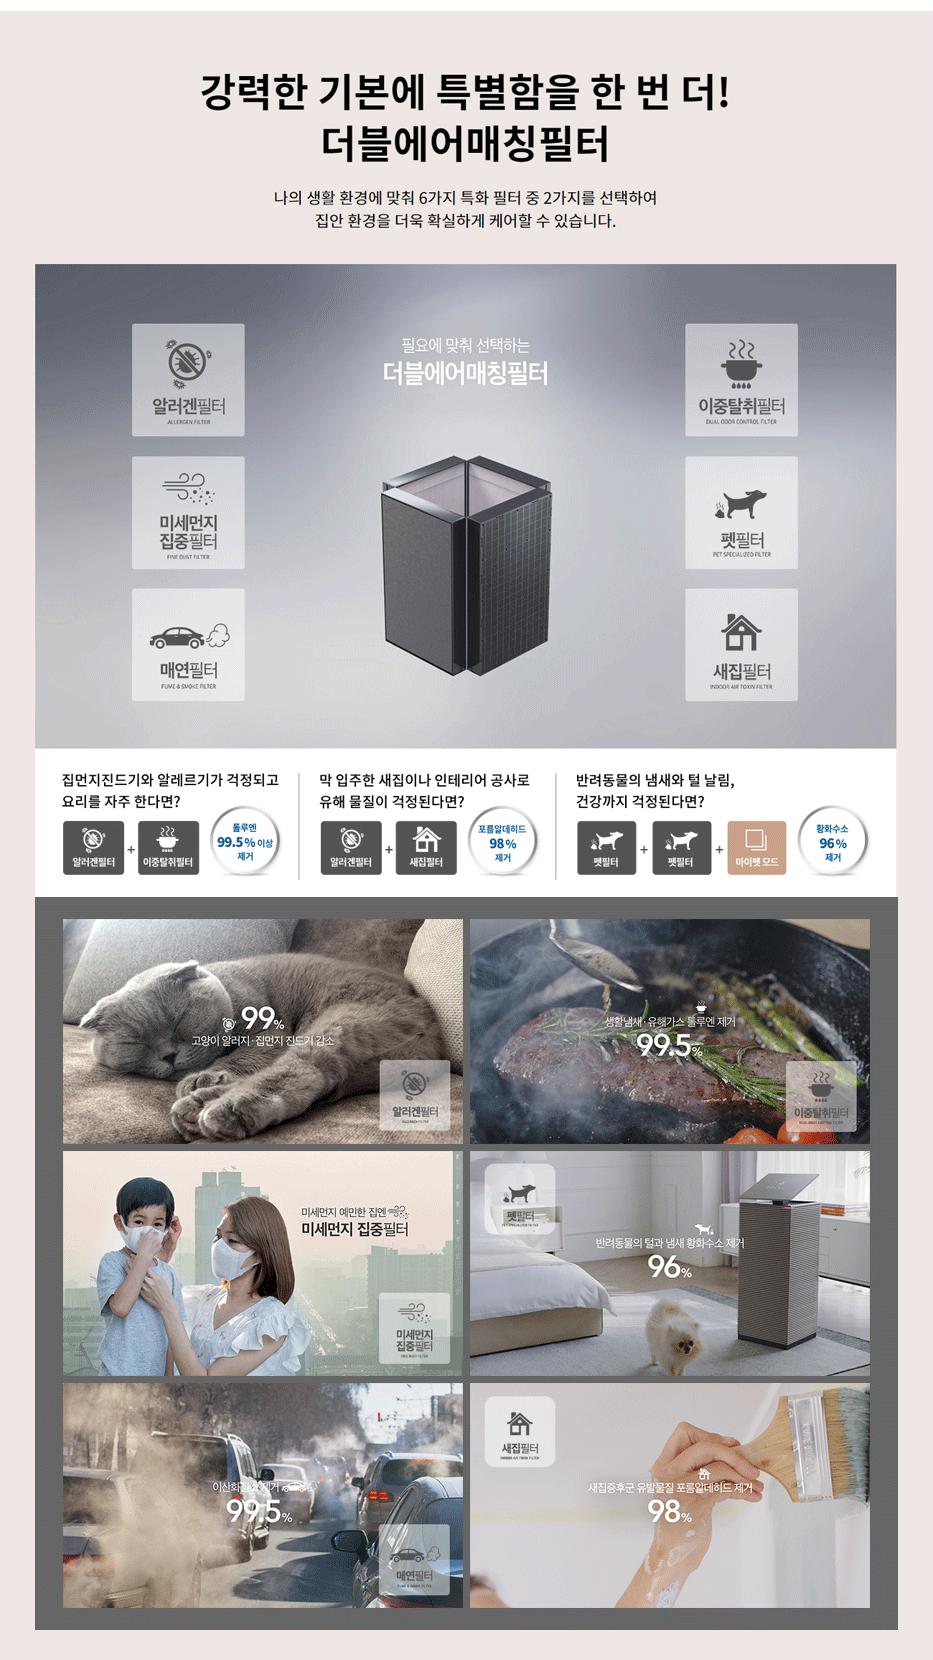 코웨이 AP-2021A 노블 공기청정기 코웨이만의 혁신적인 에어 테크놀로지 4D 프리필터, 멀티큐브 탈취필터, 에어클린 항균필터